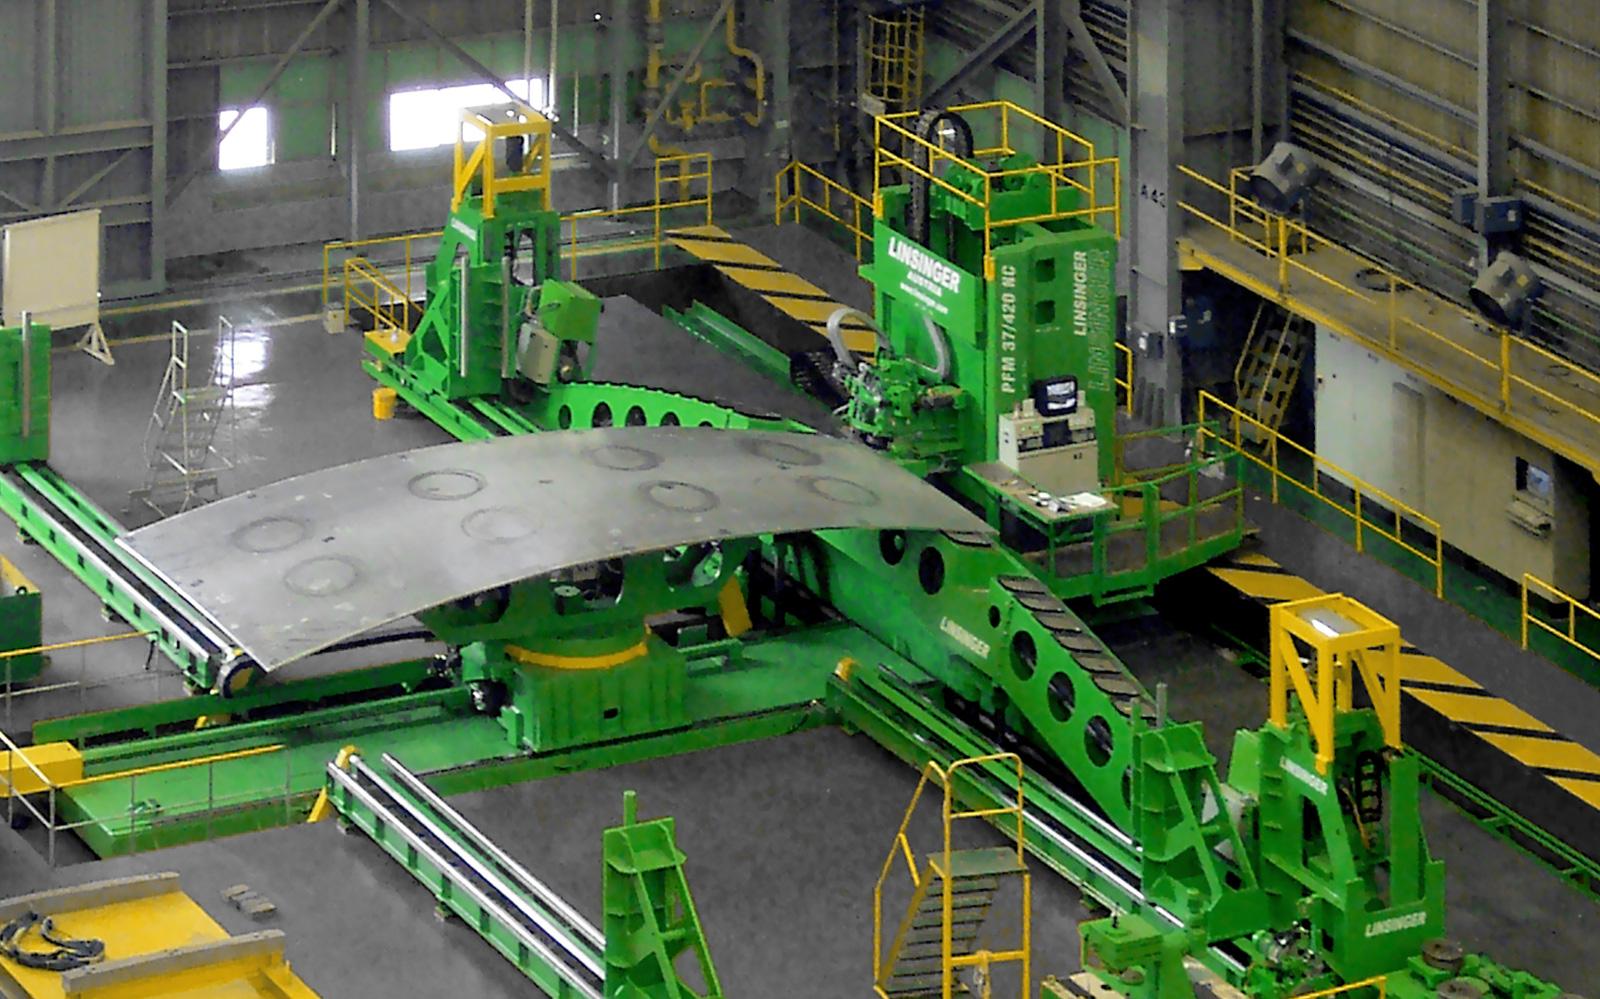 Sonderfräsanlagen Für Werften